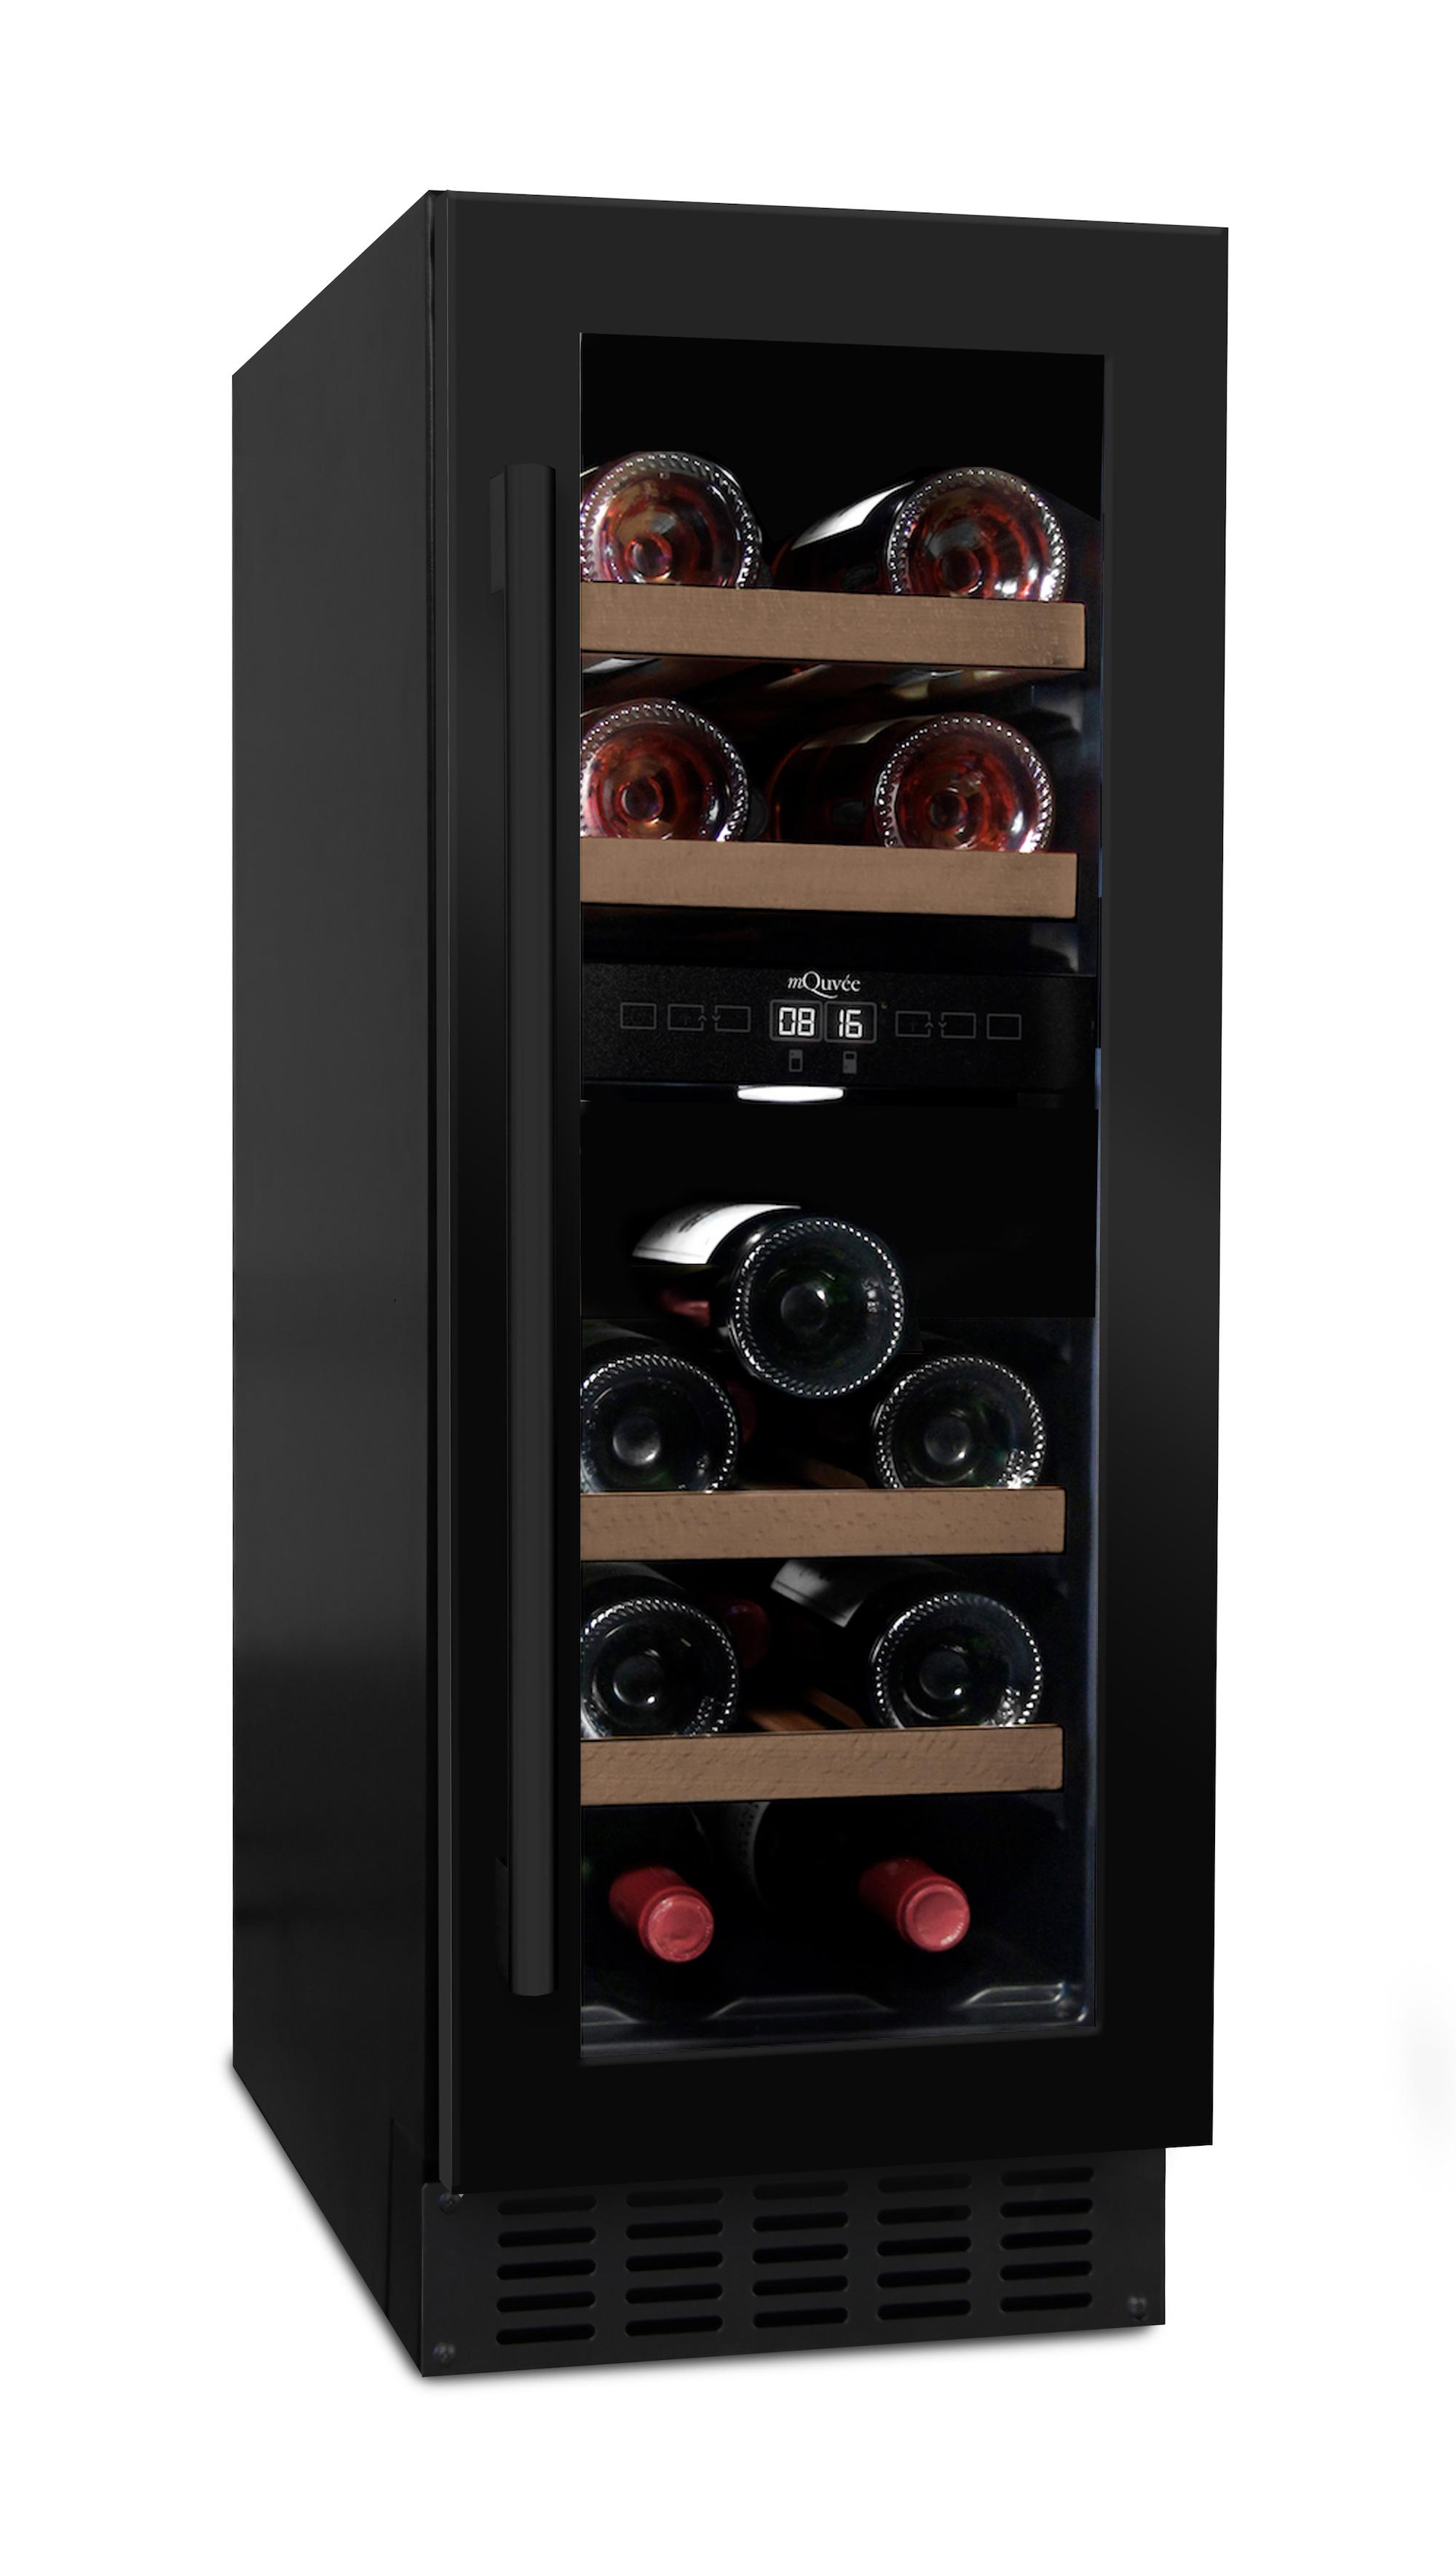 Inbyggbar svart vinkyl från mQuvee med 4 hyllor